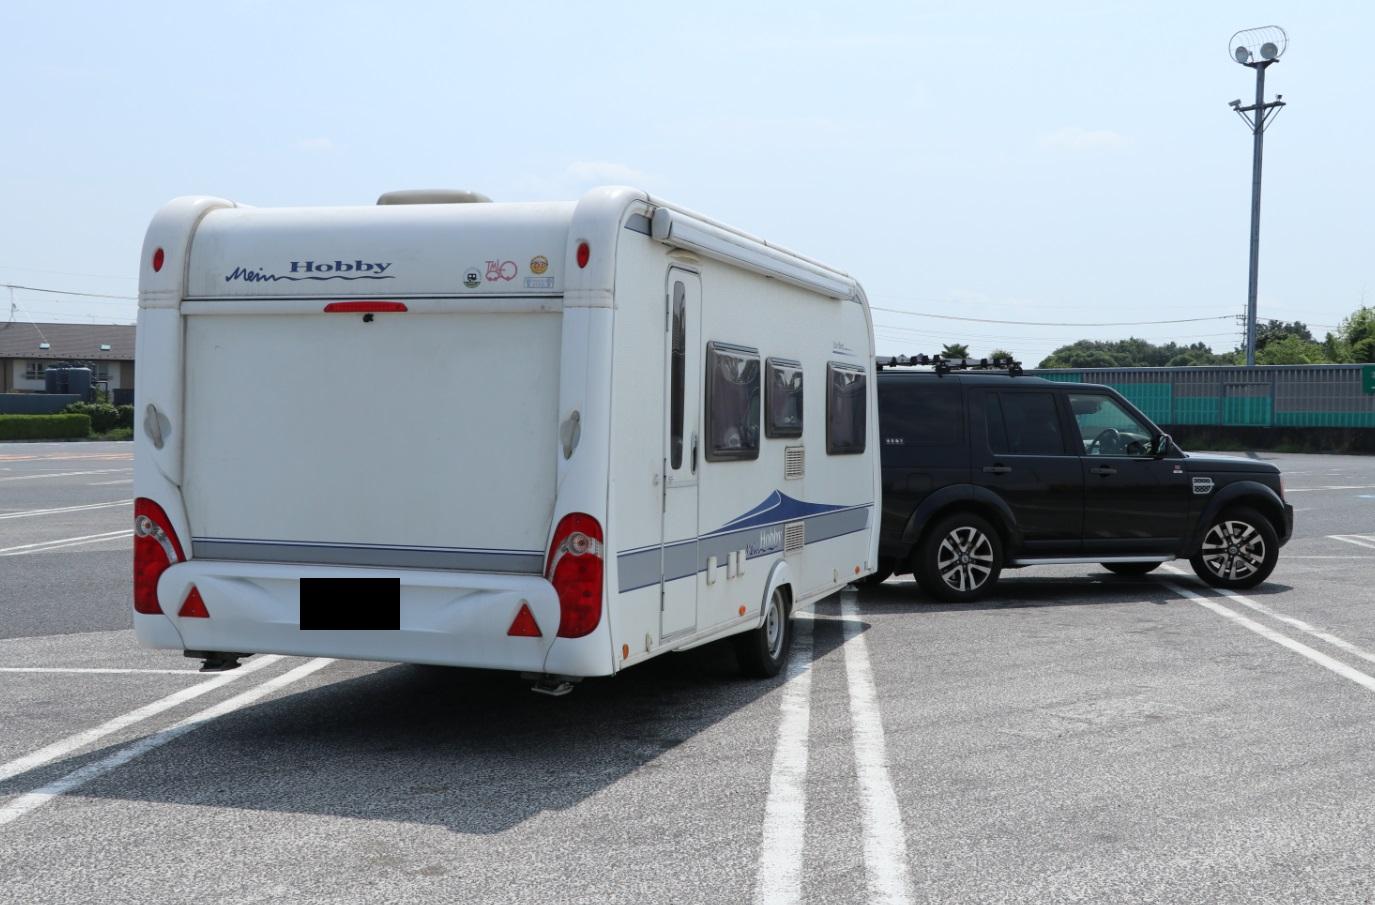 リアオーバーハング, オーバーハング, rear overhang, overhang, caravan, camping trailer, キャンピングトレーラー,